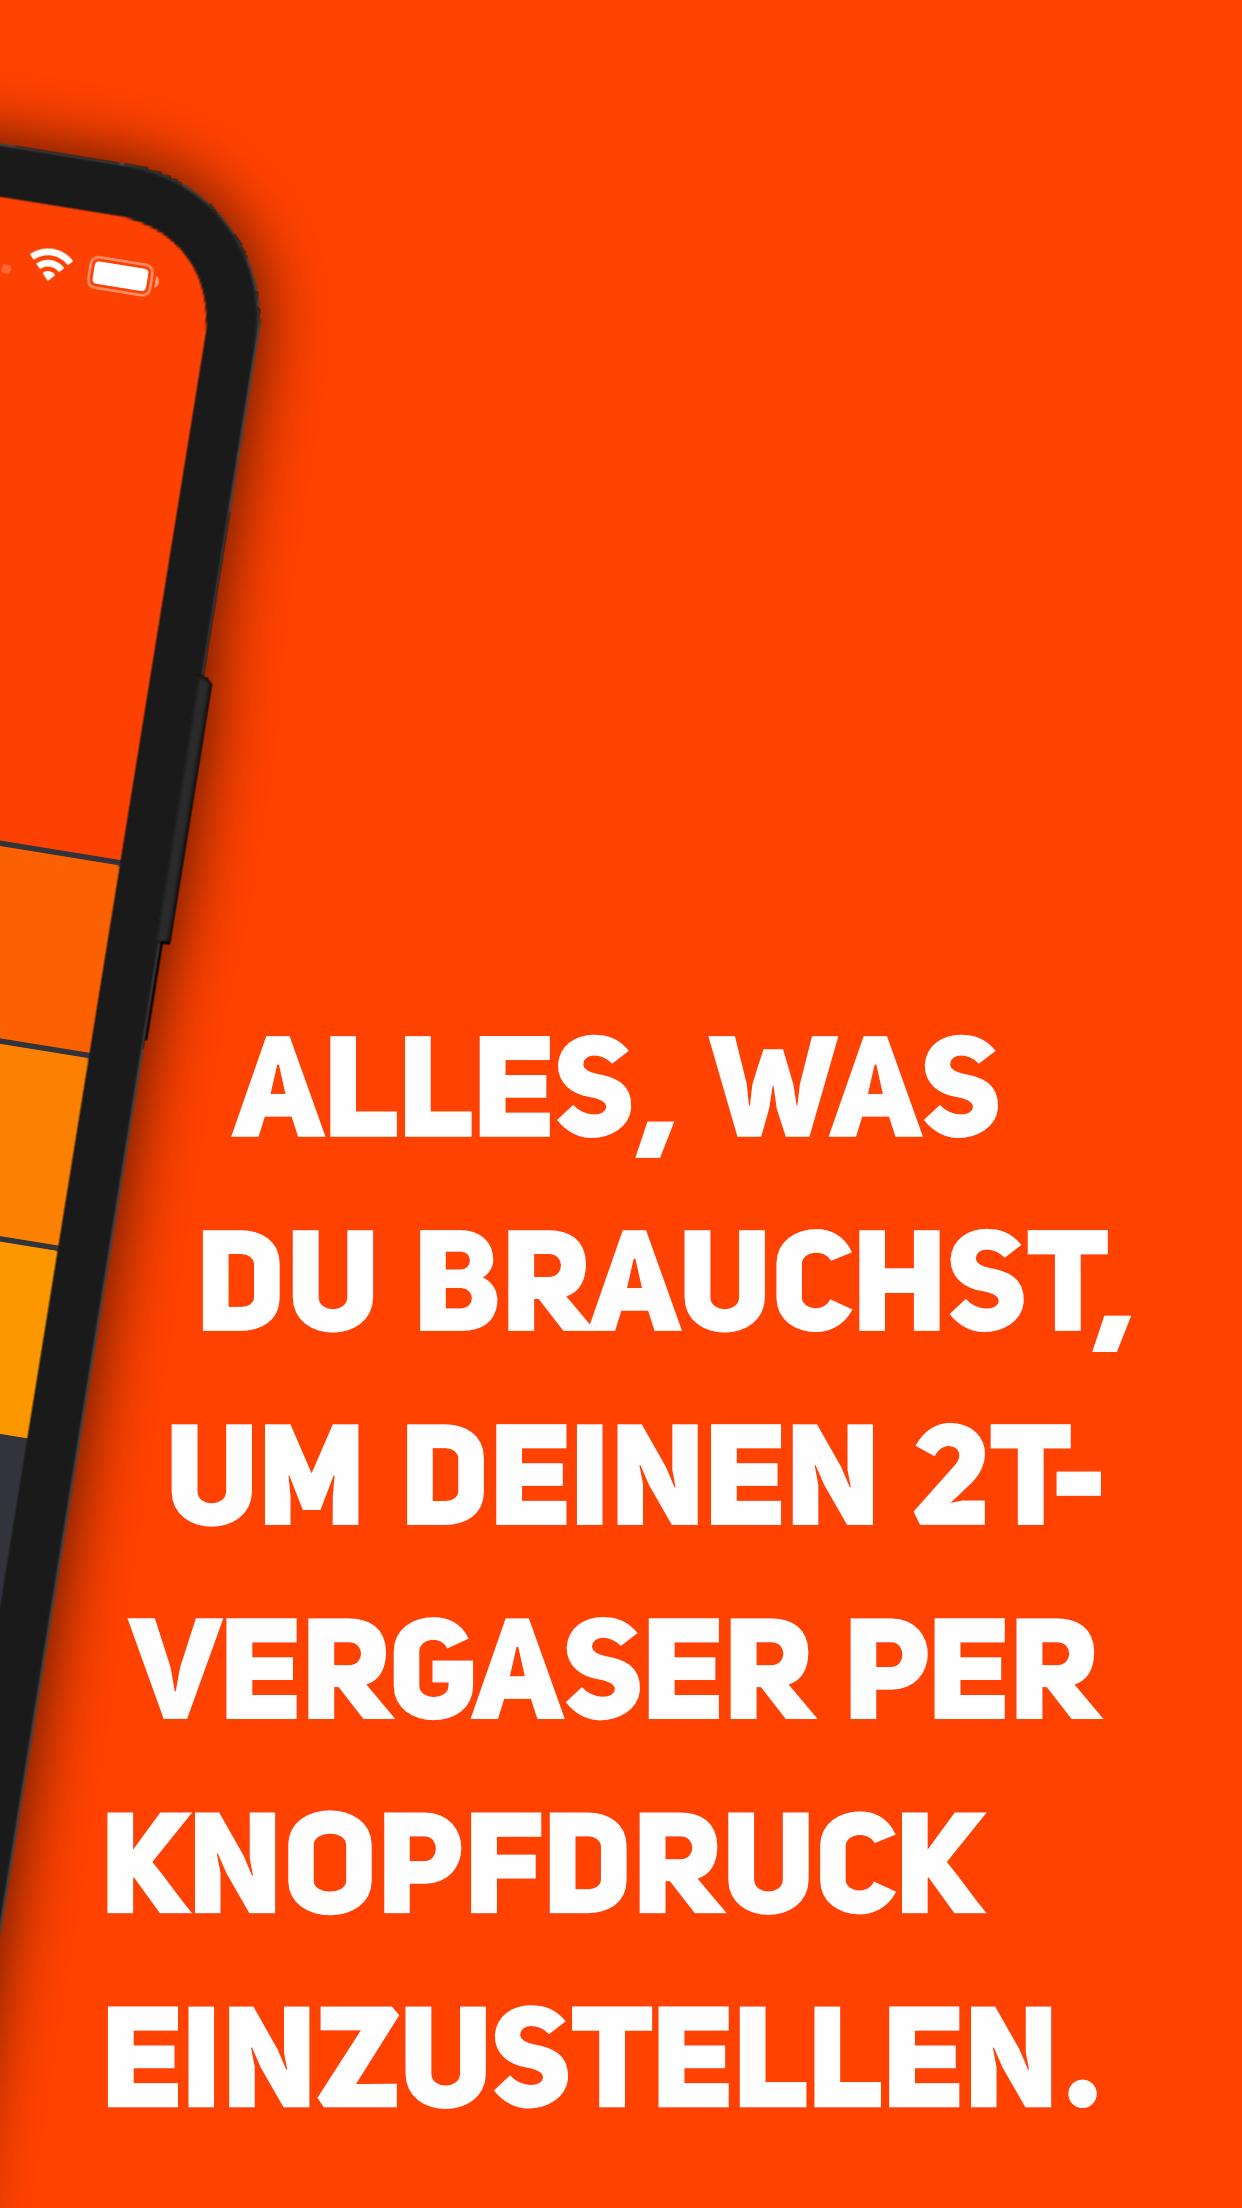 kyajet App Marketing Screen 02